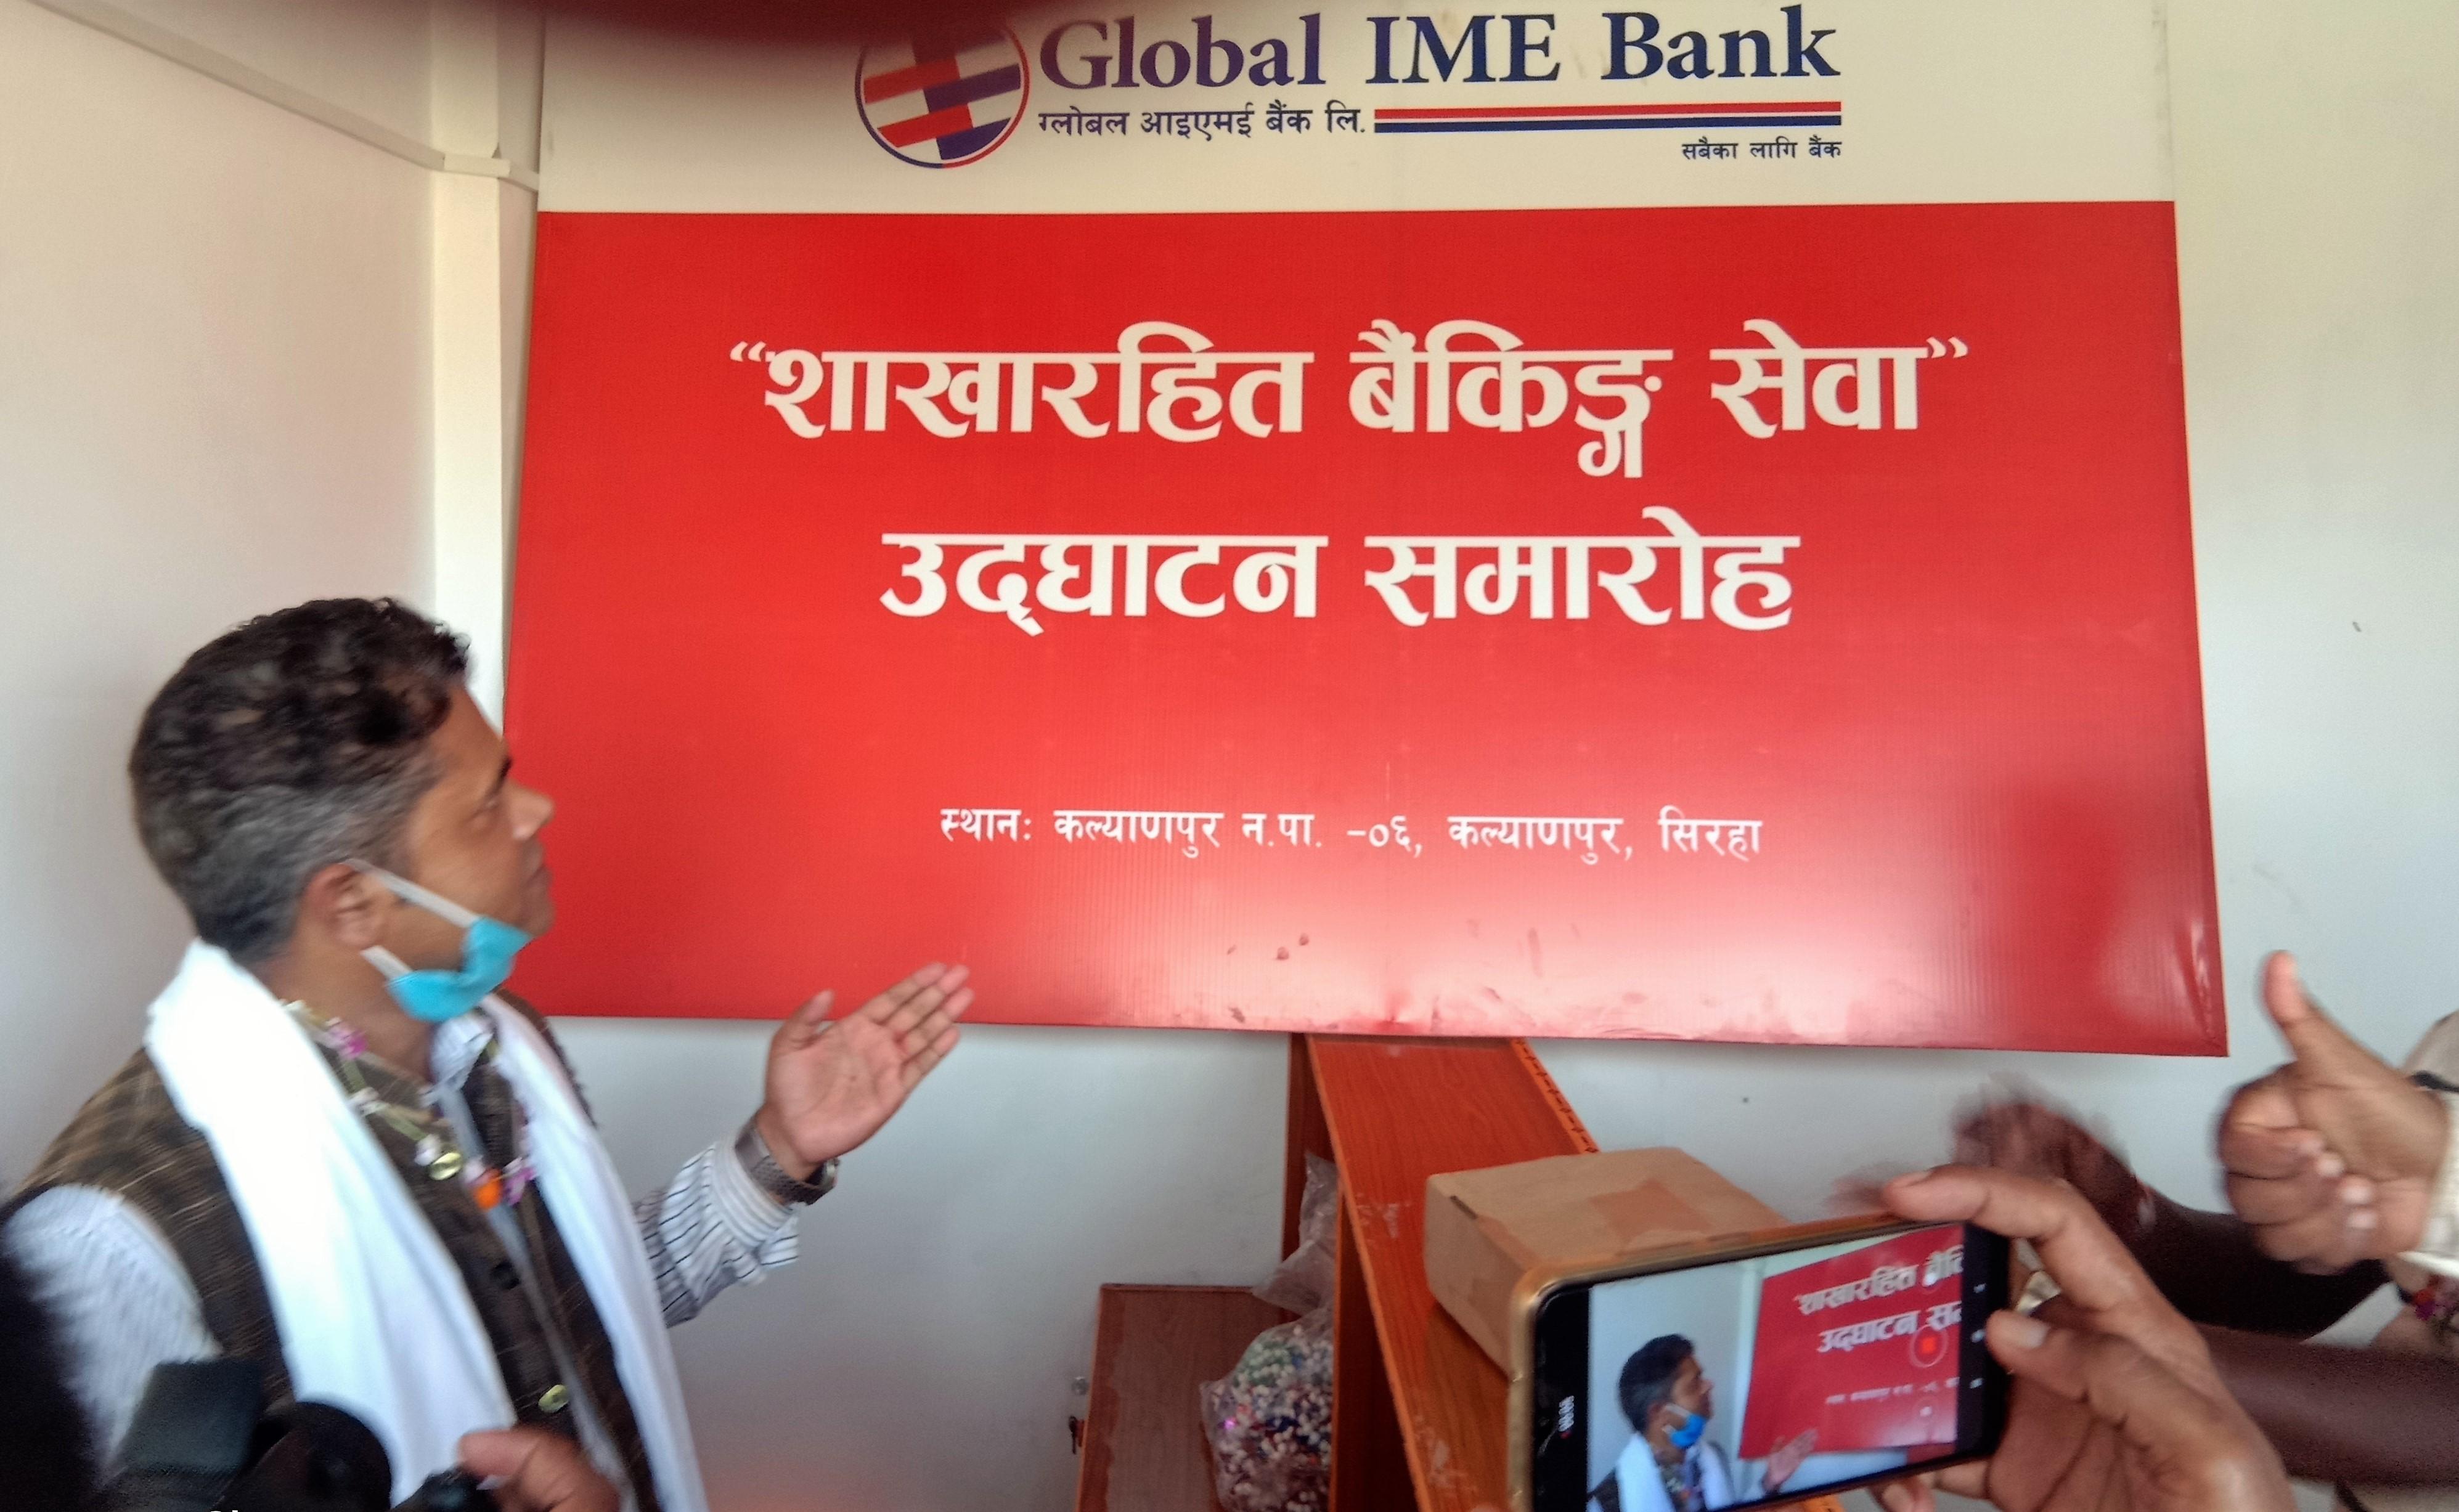 ग्लोबल आइएमई बैंकद्वारा २ नयाँ शाखारहित बैंकिङ्ग सेवाको शुरुवात